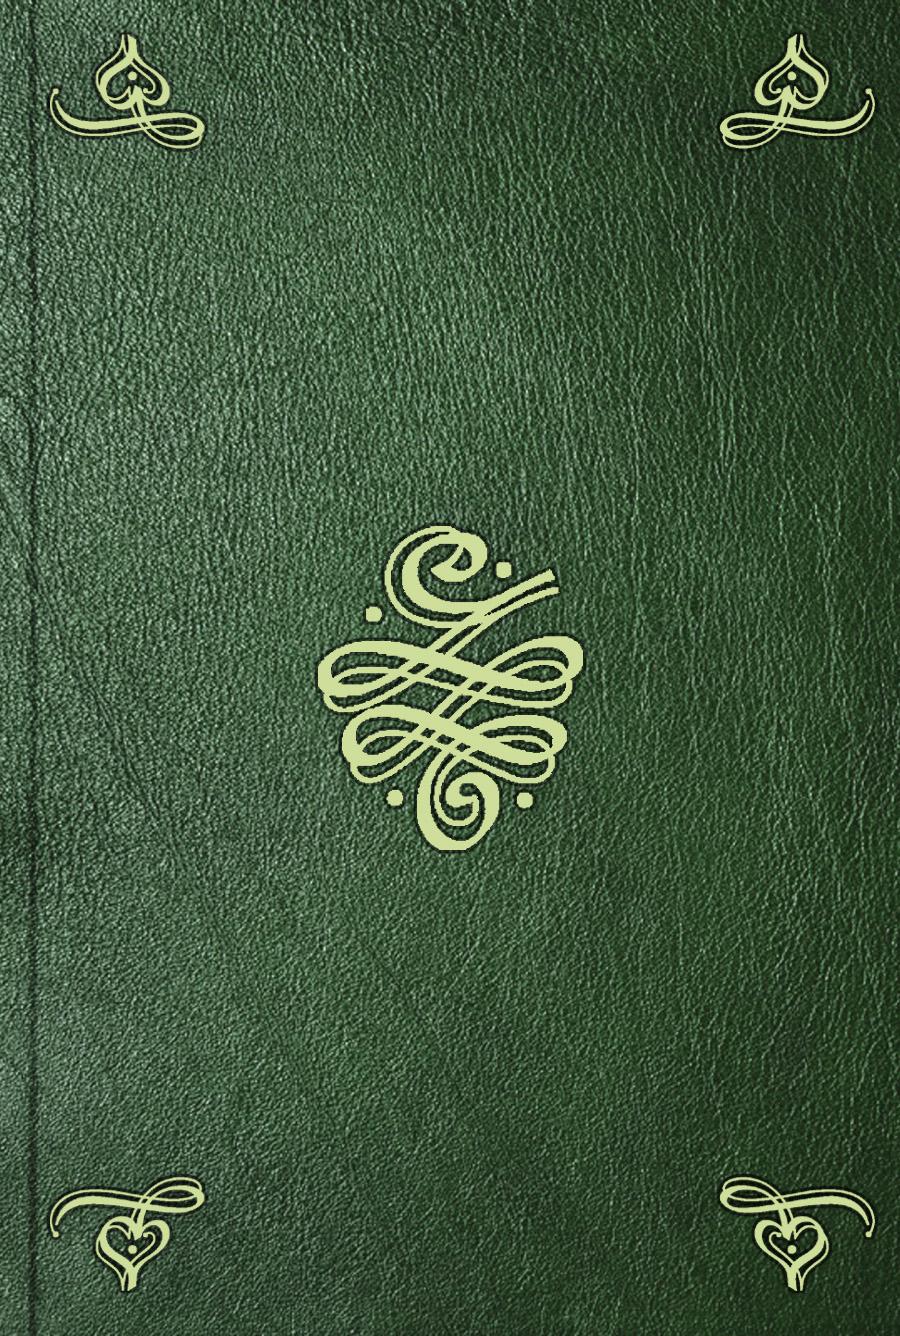 Johann Gottfried Herder Briefe zu Beförderung der Humanität. Sammlung 2 johann gottfried herder briefe zu beförderung der humanität sammlung 4